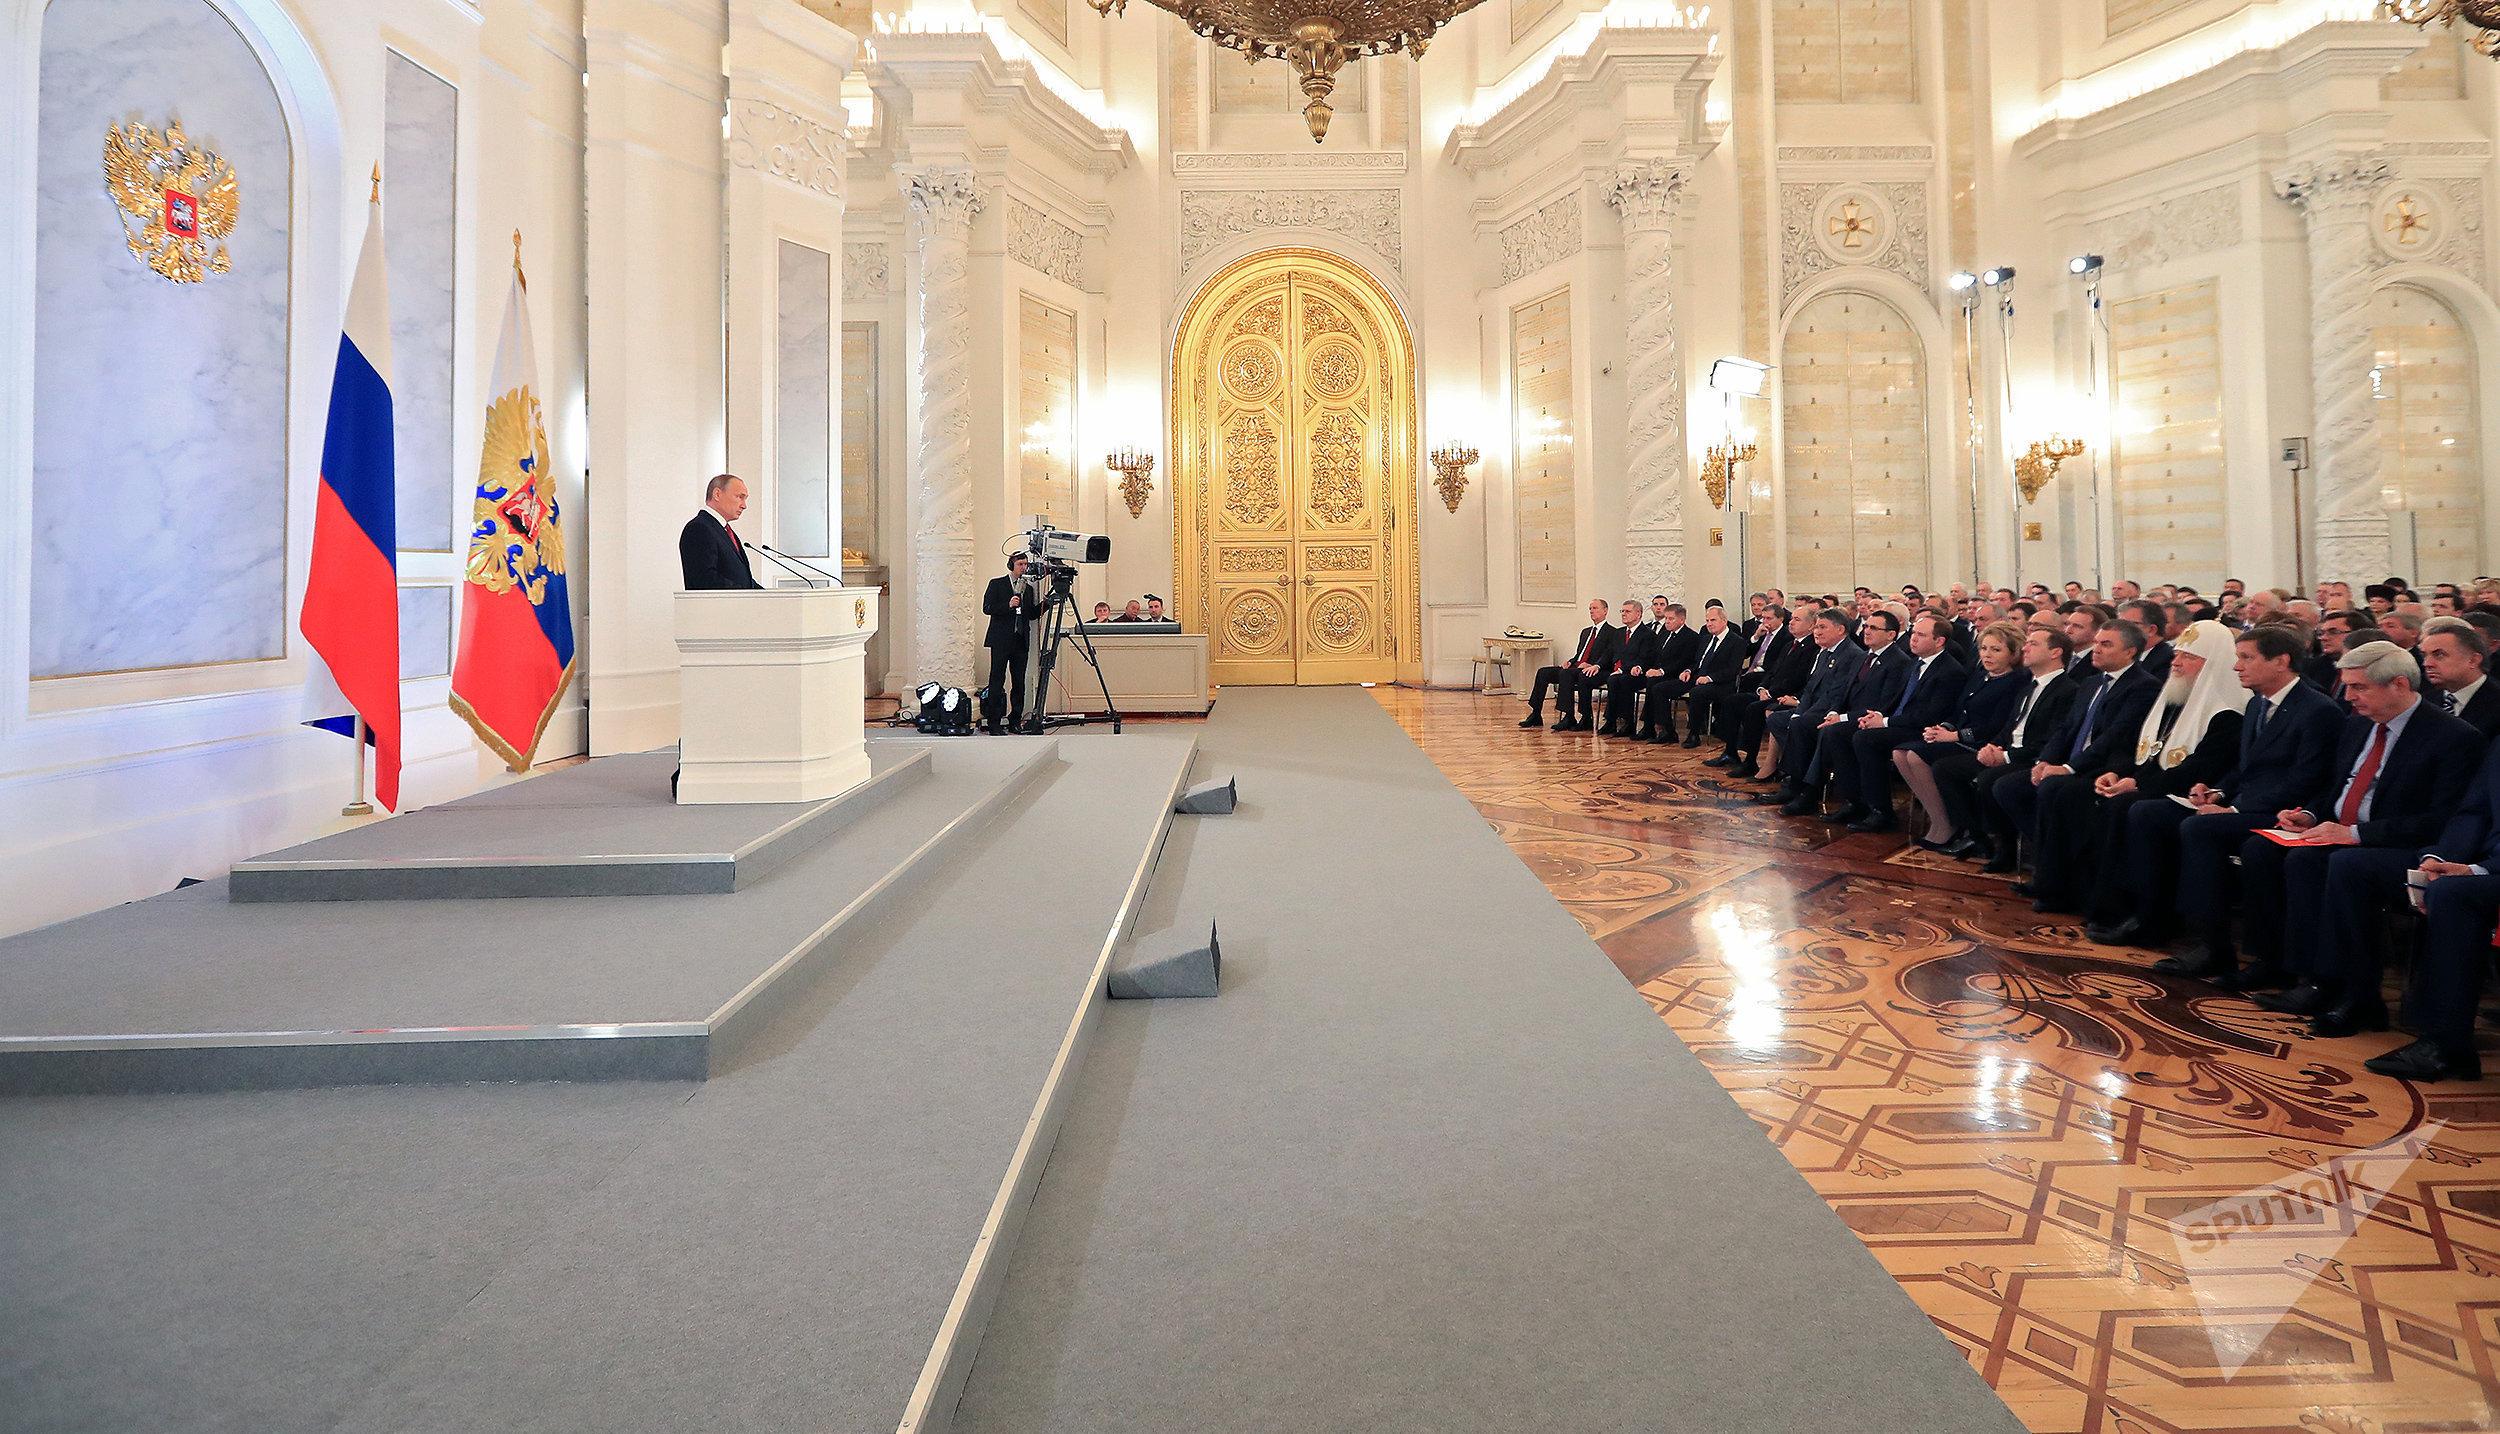 Президент России Владимир Путин во время ежегодного обращения к Федеральному собранию